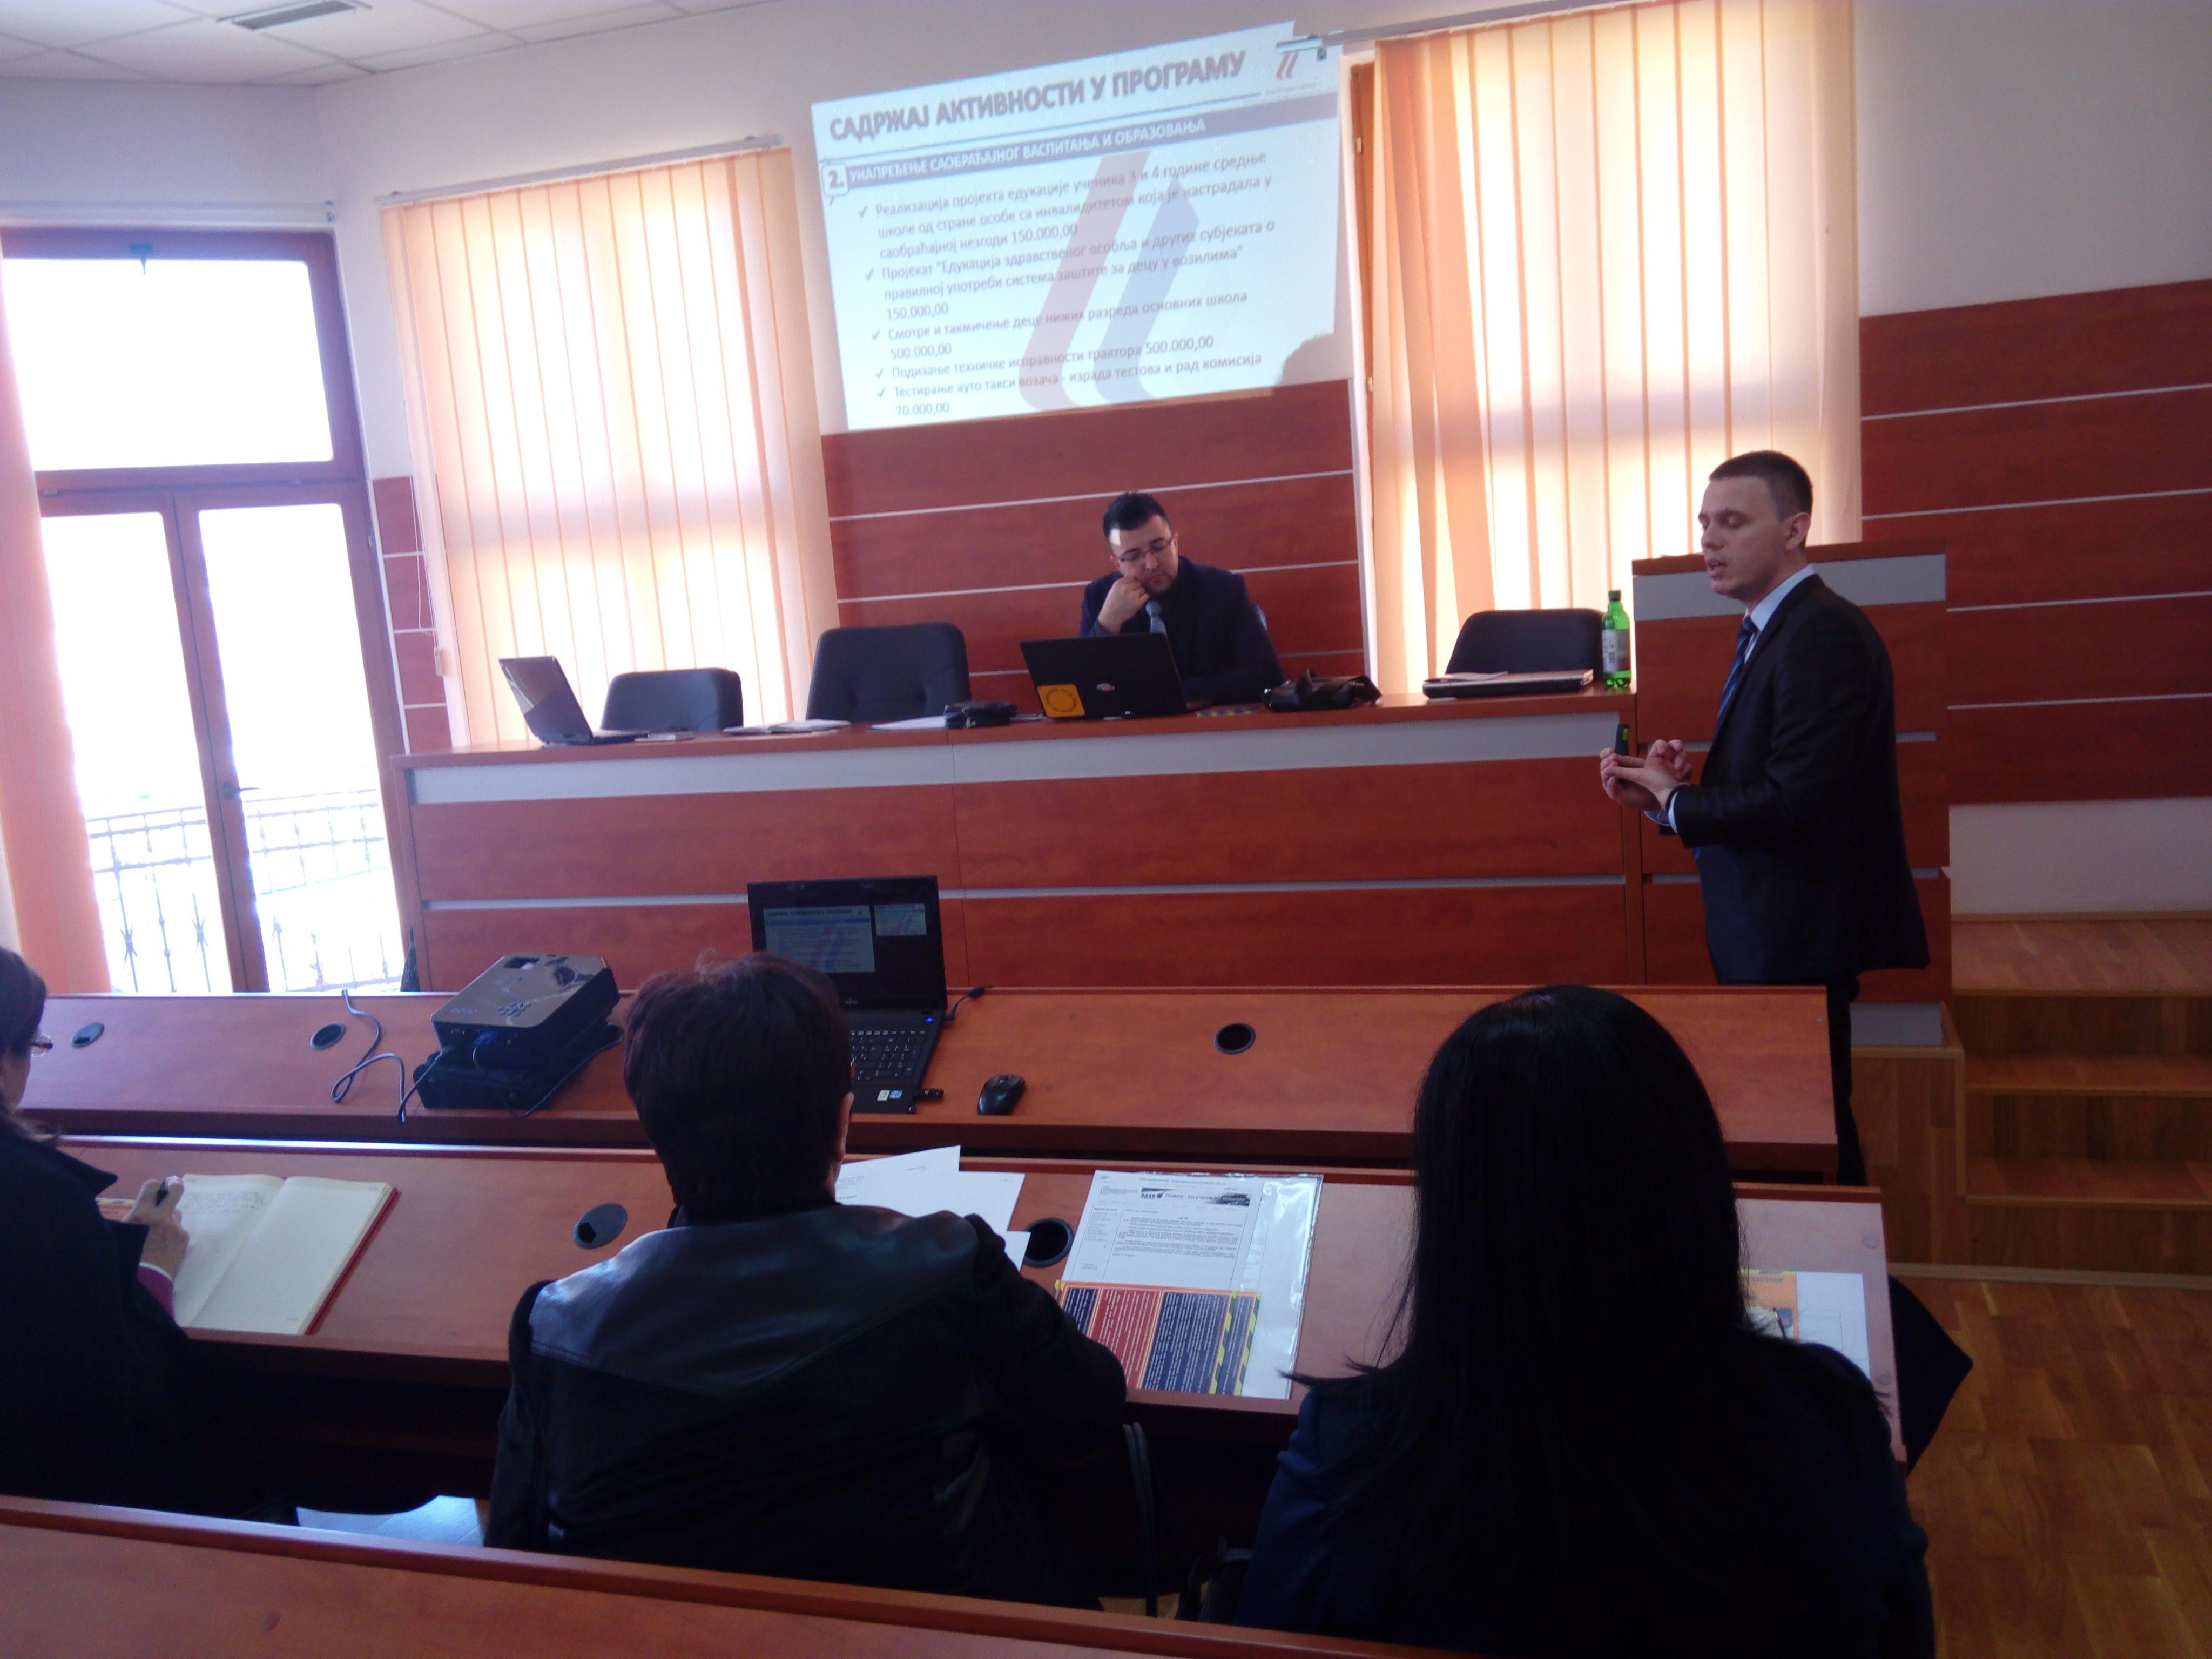 Одржана радионица на тему Примјери пројеката у ЈЛС који се финансирају из Фонда 02 у Вишеграду